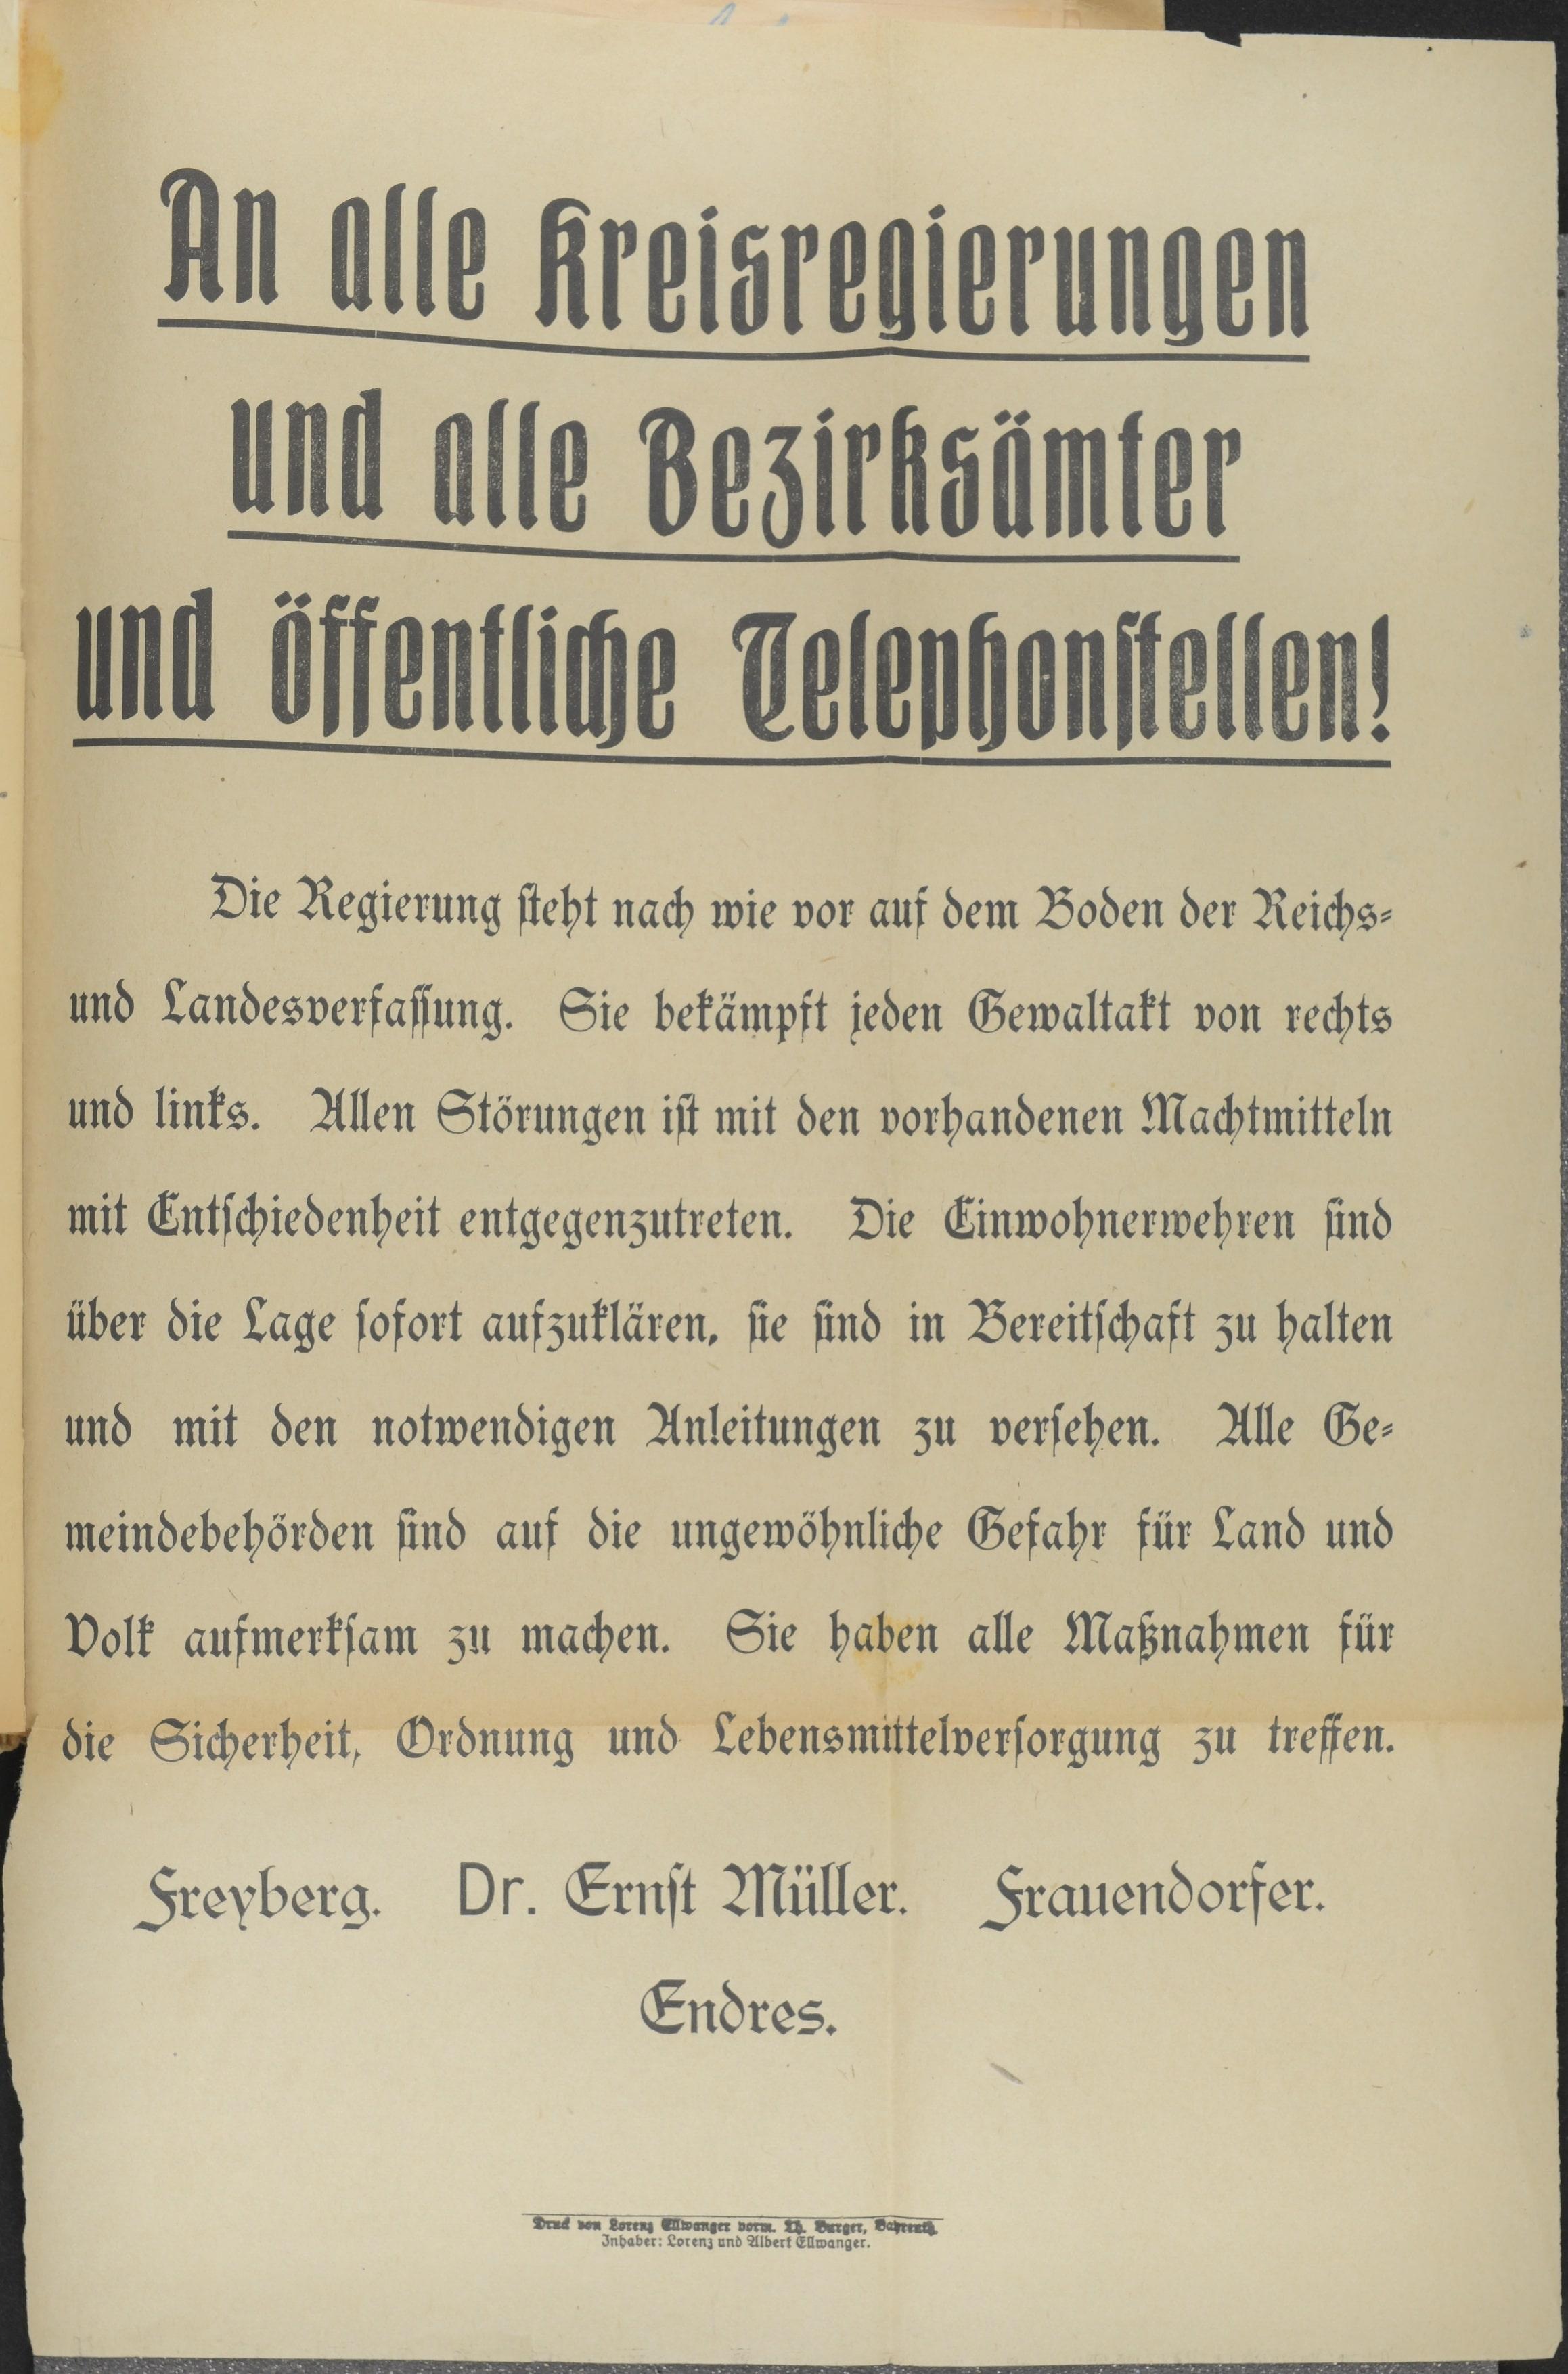 Aufruf/Anschlag an die Bürger der Stadt Bayreuth